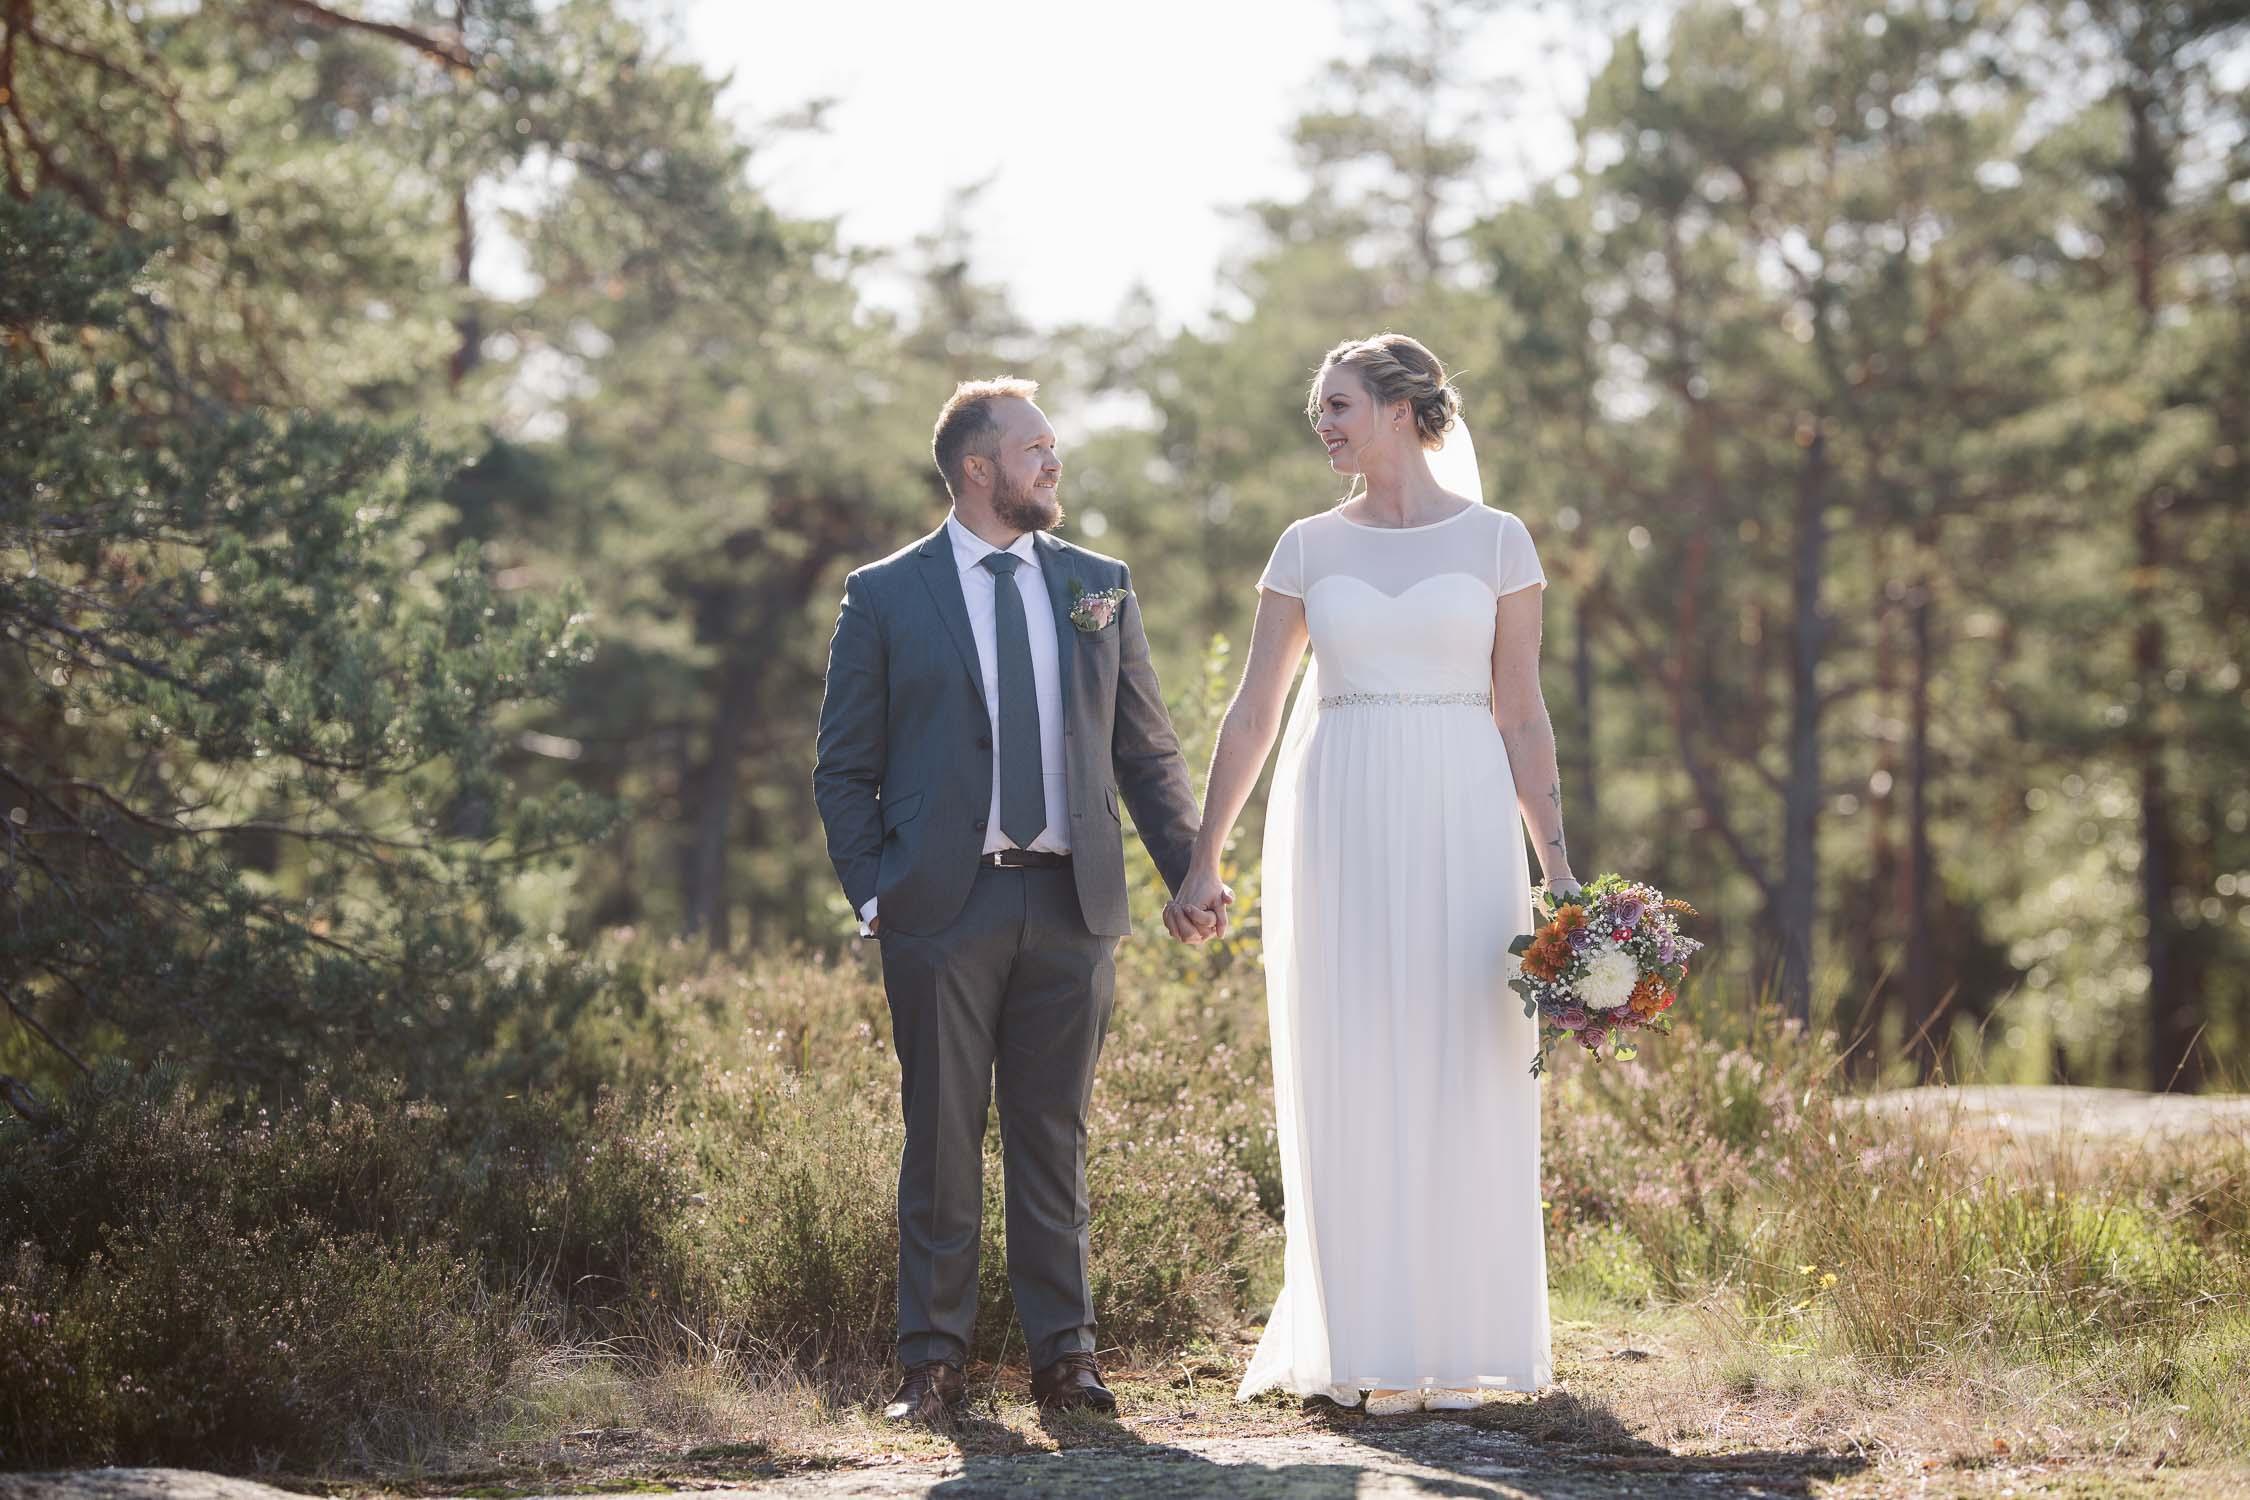 bryllup-bryllupsfotografering-bryllupsfotograf-sarpsborg-5101Odd-og-Kristine-5101.jpg